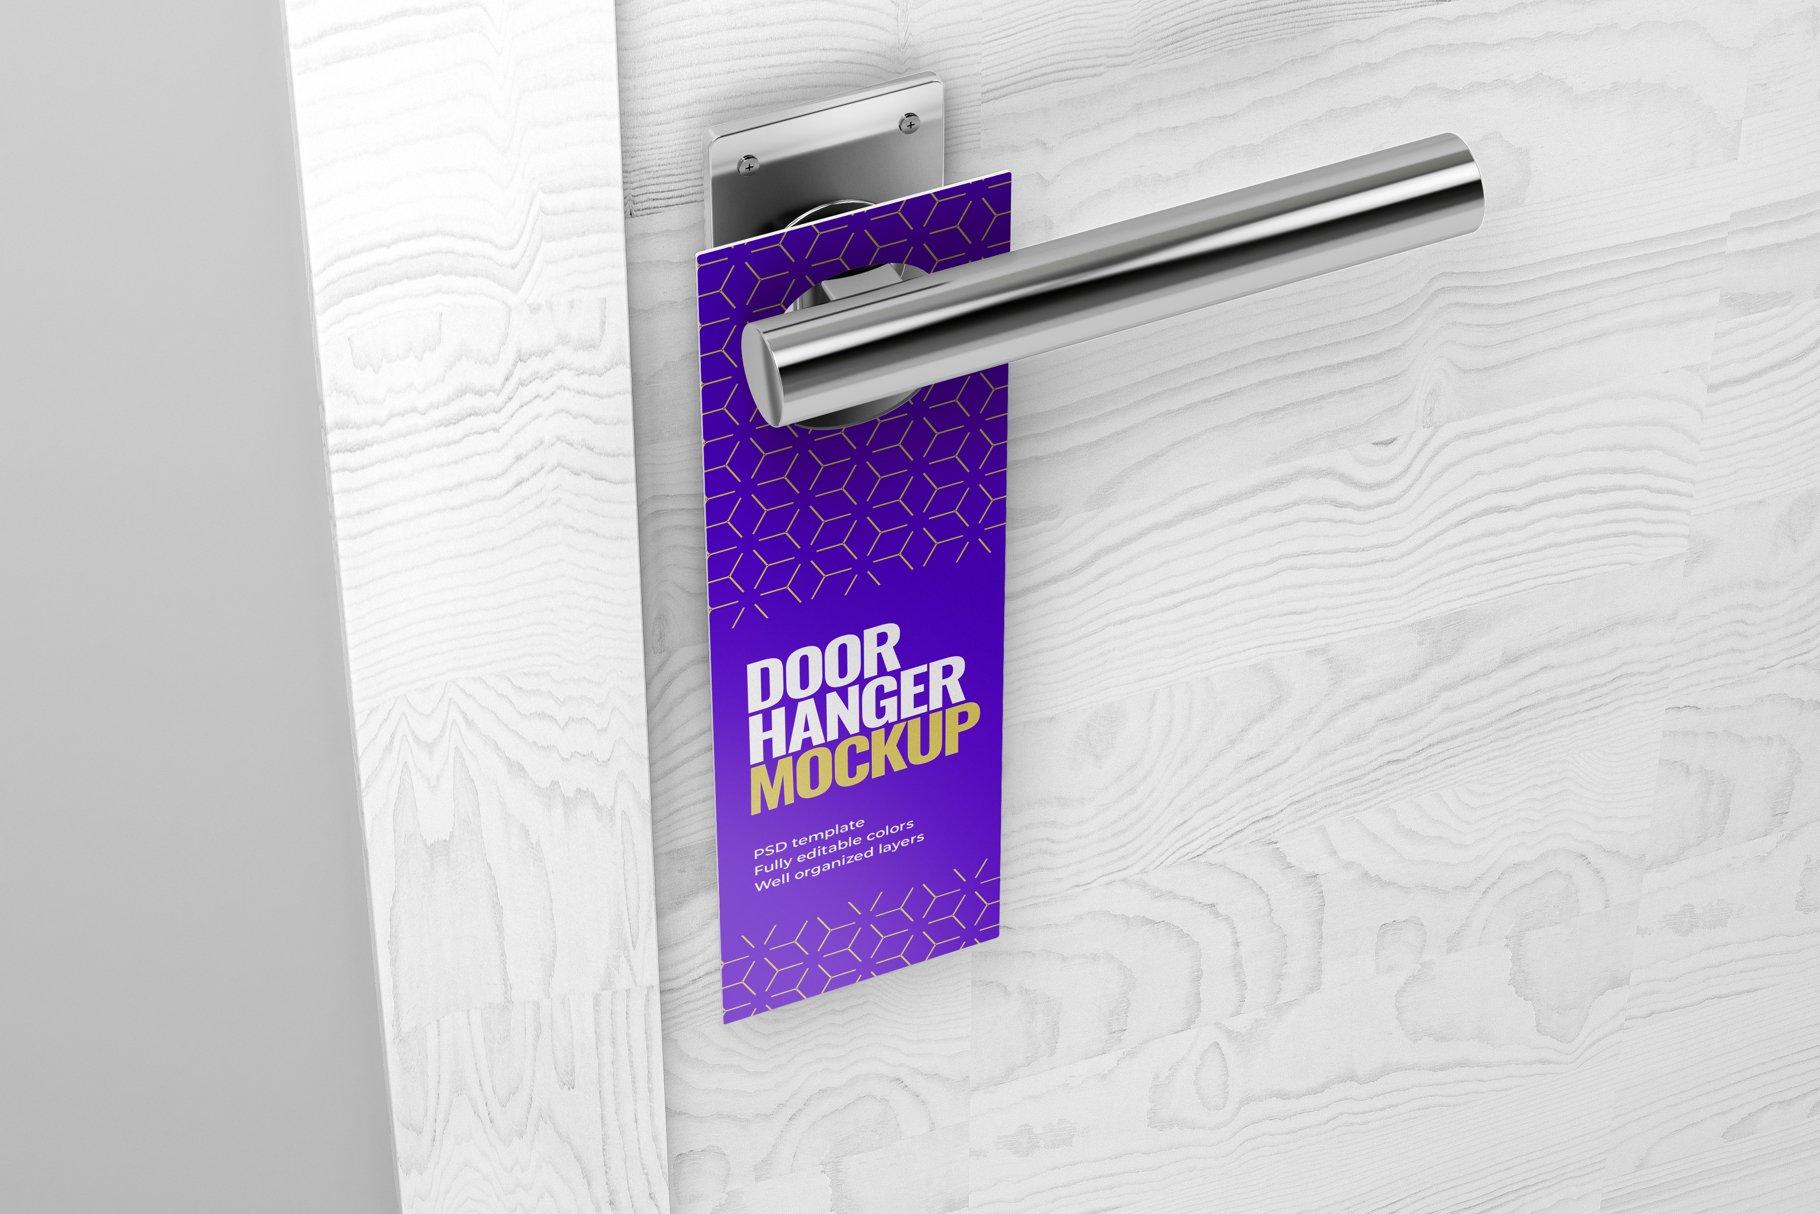 酒店门把手吊牌设计展示样机模板 Door Hanger Mockup Set插图(5)